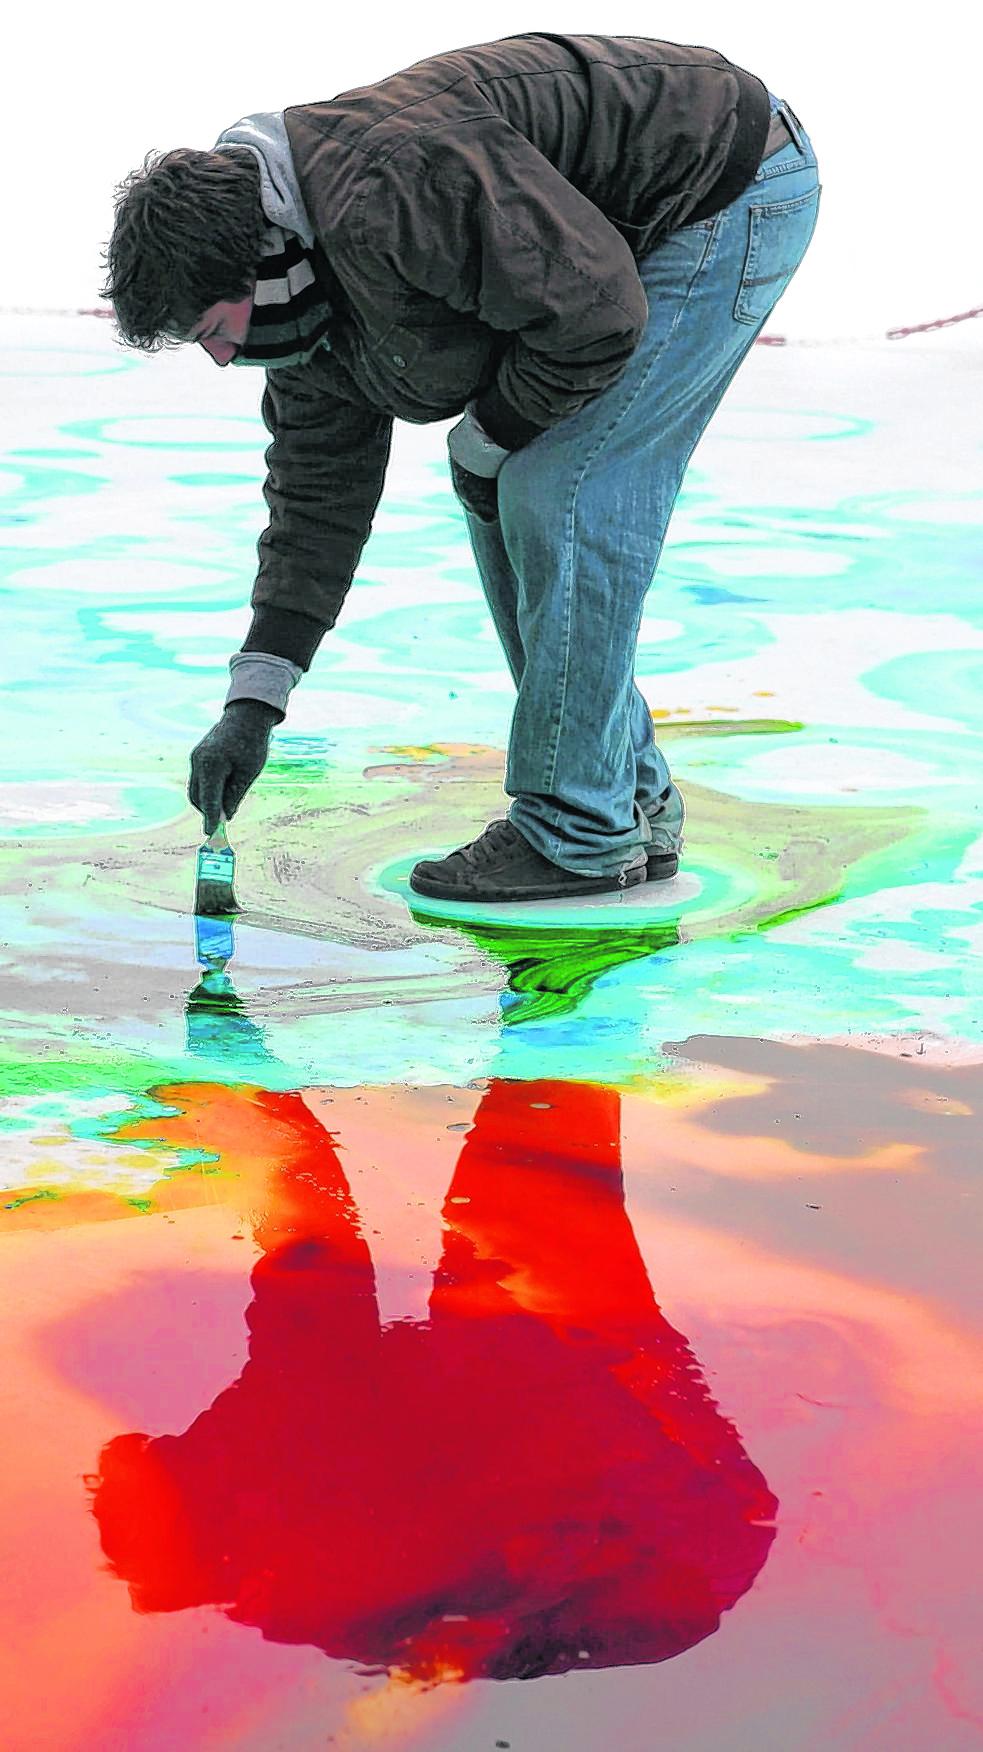 Das tut gut: Künstlerisches Handeln – wie hier bei dem Künstler Philip Prinz, der ein Bild auf die Eisfläche der Hamburger Eisarena malt – stärkt die Persönlichkeit.